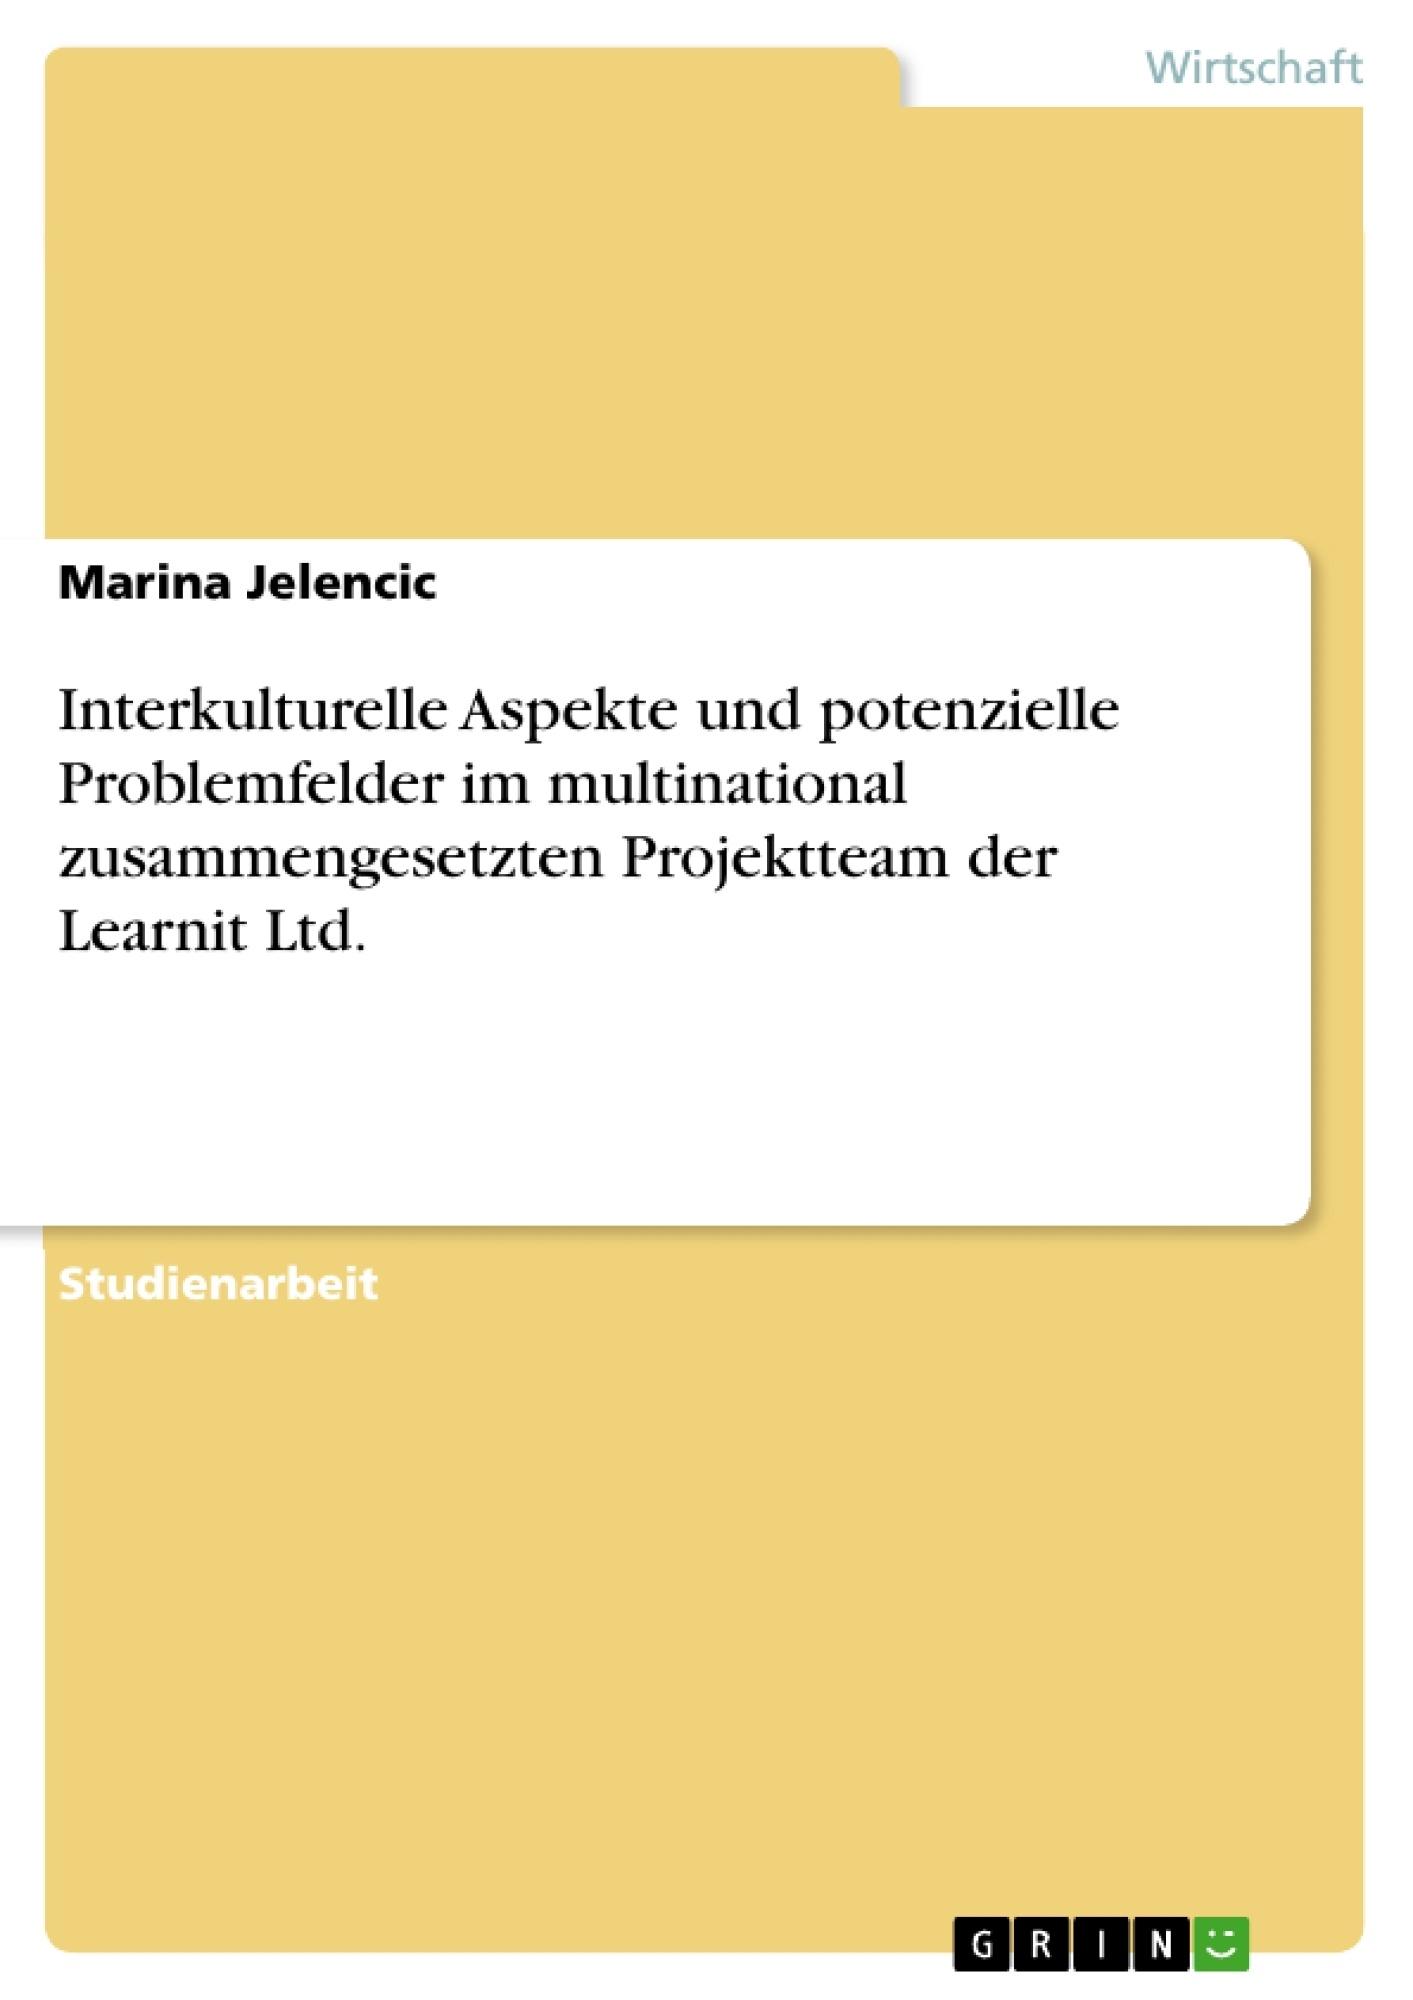 Titel: Interkulturelle Aspekte und potenzielle Problemfelder im multinational zusammengesetzten Projektteam der Learnit Ltd.